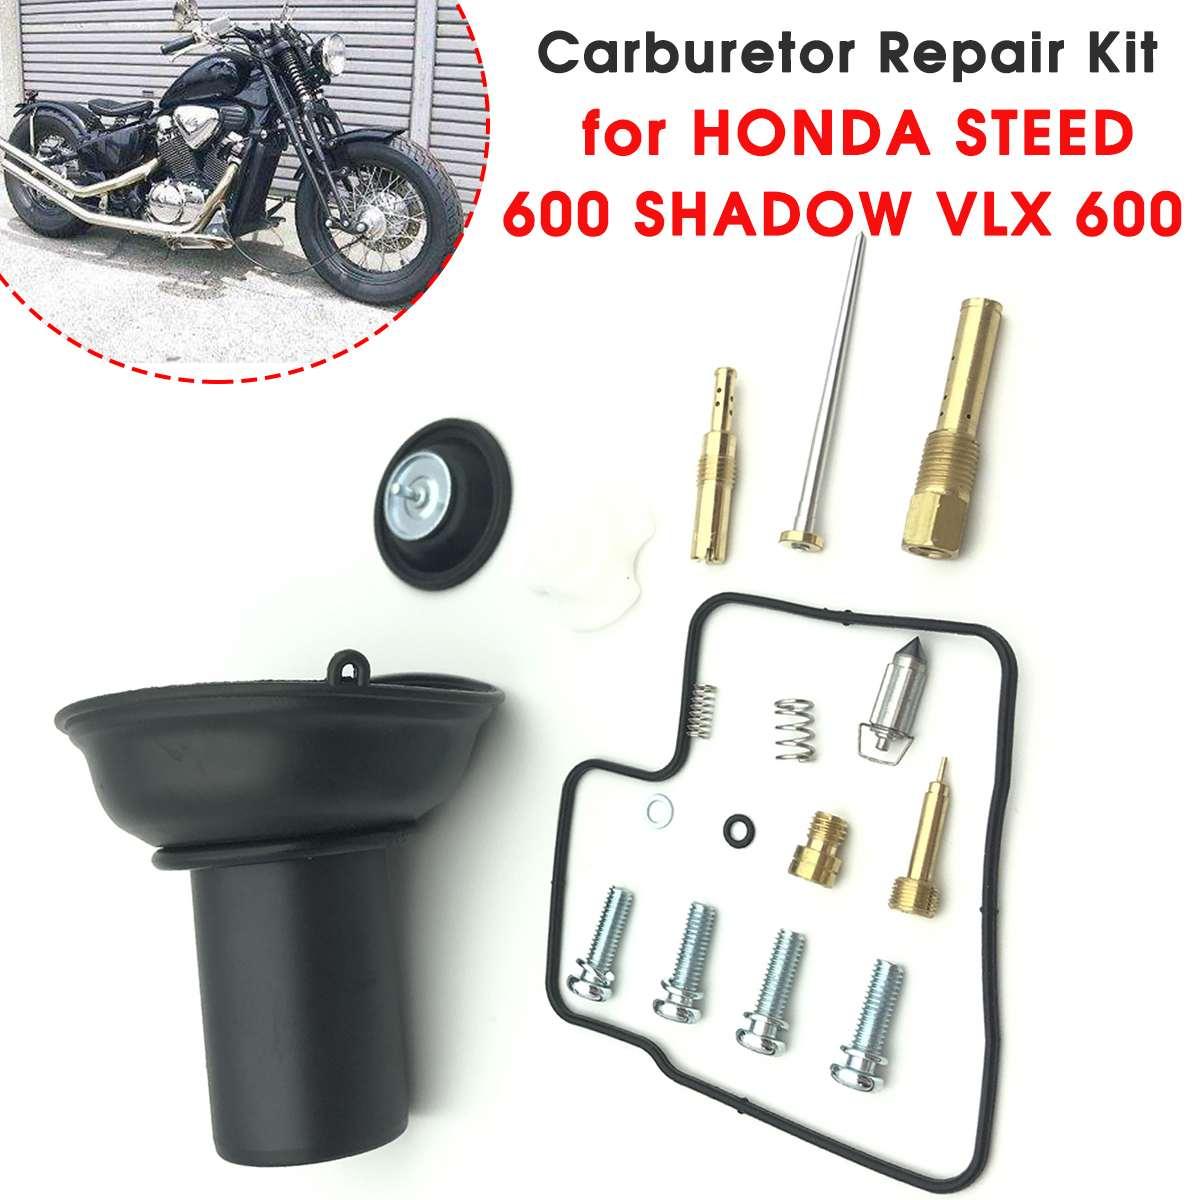 Carburetor Diaphragm Repair Kit for HONDA STEED 600 SHADOW VLX 600 Carb Rebuild Kit